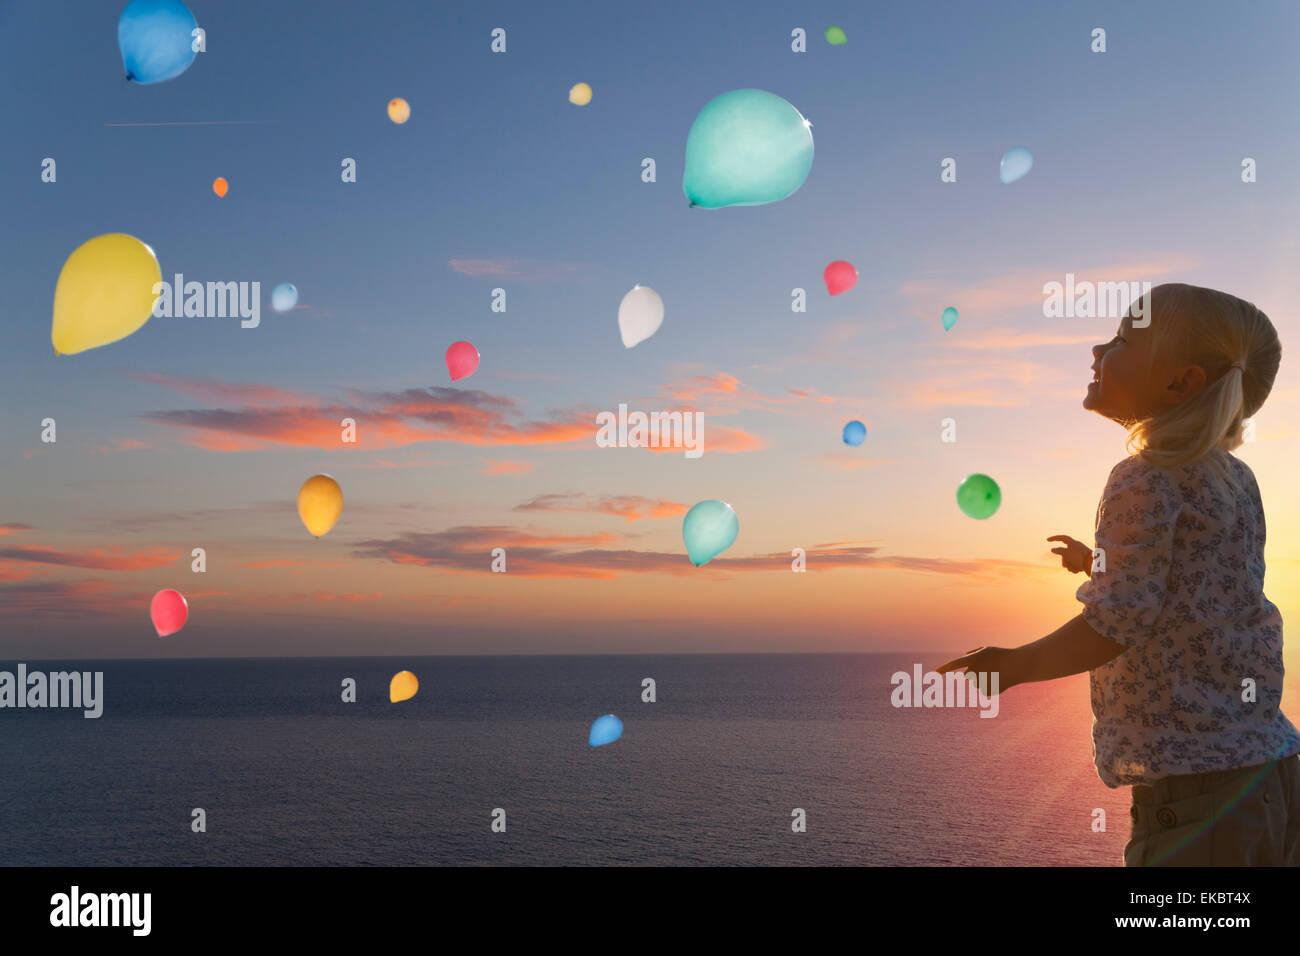 Ballons Girl flottant dans ciel du soir Photo Stock